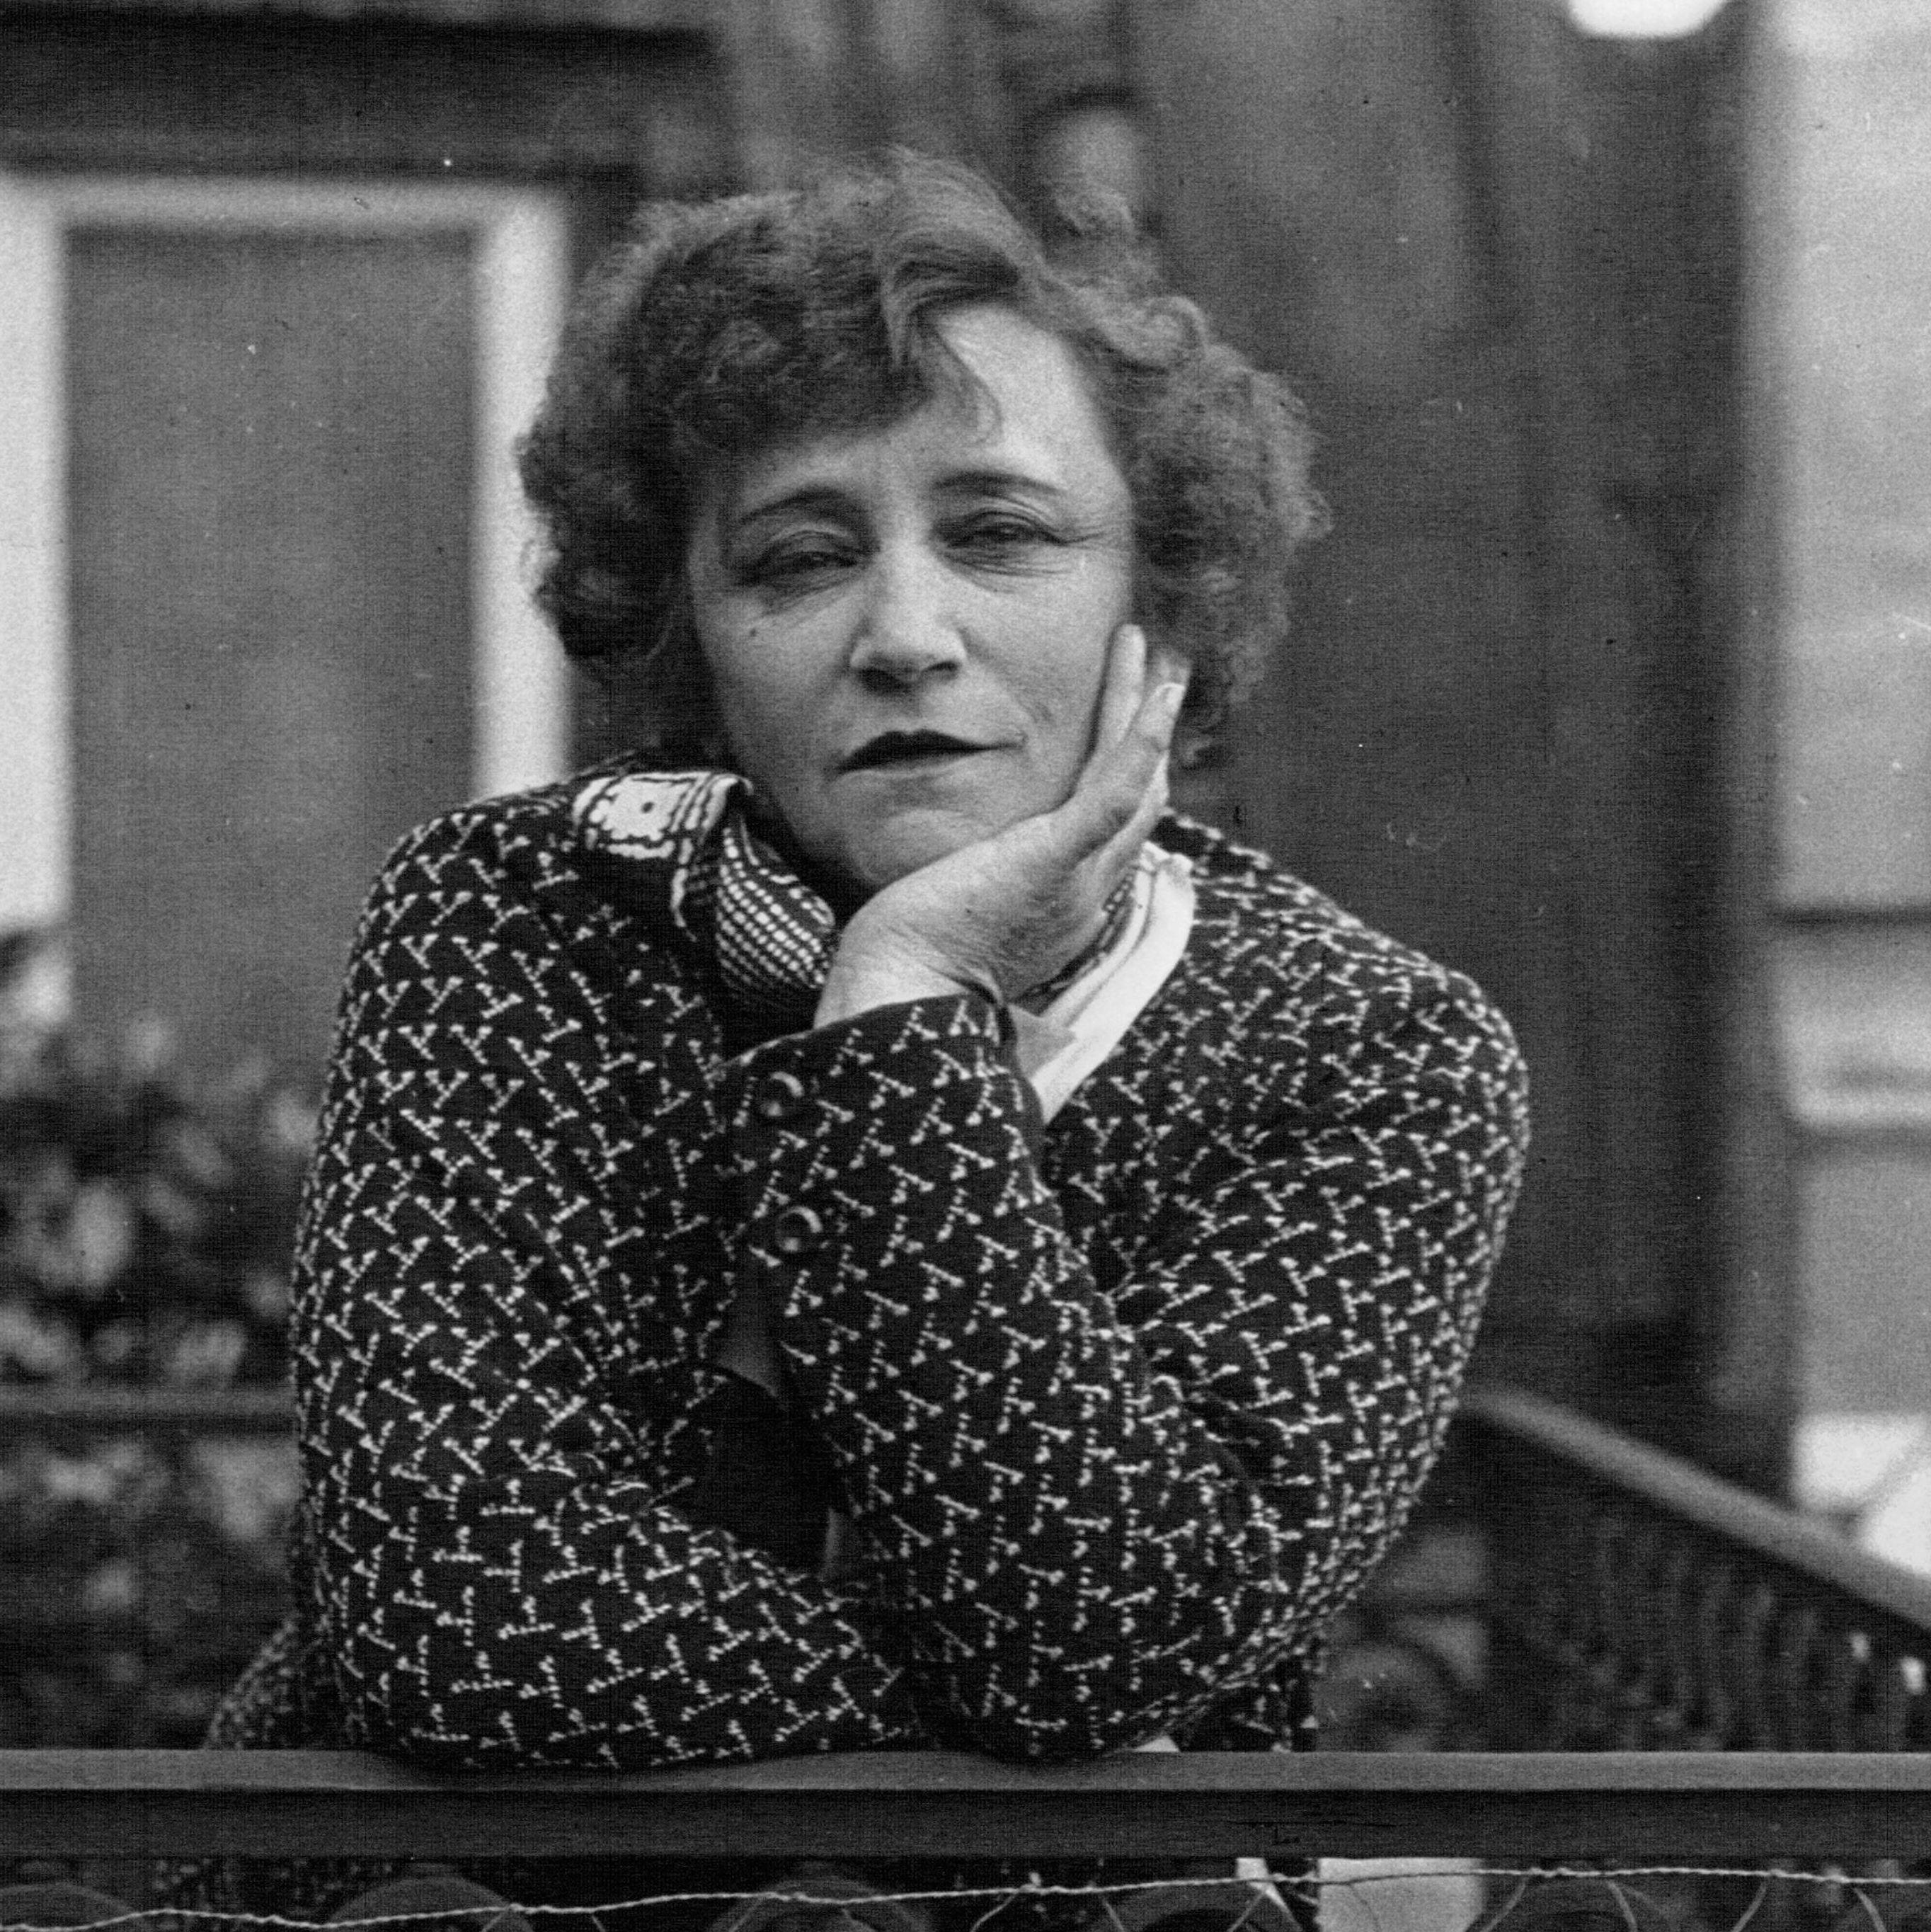 File:Colette 1932 (2).jpg